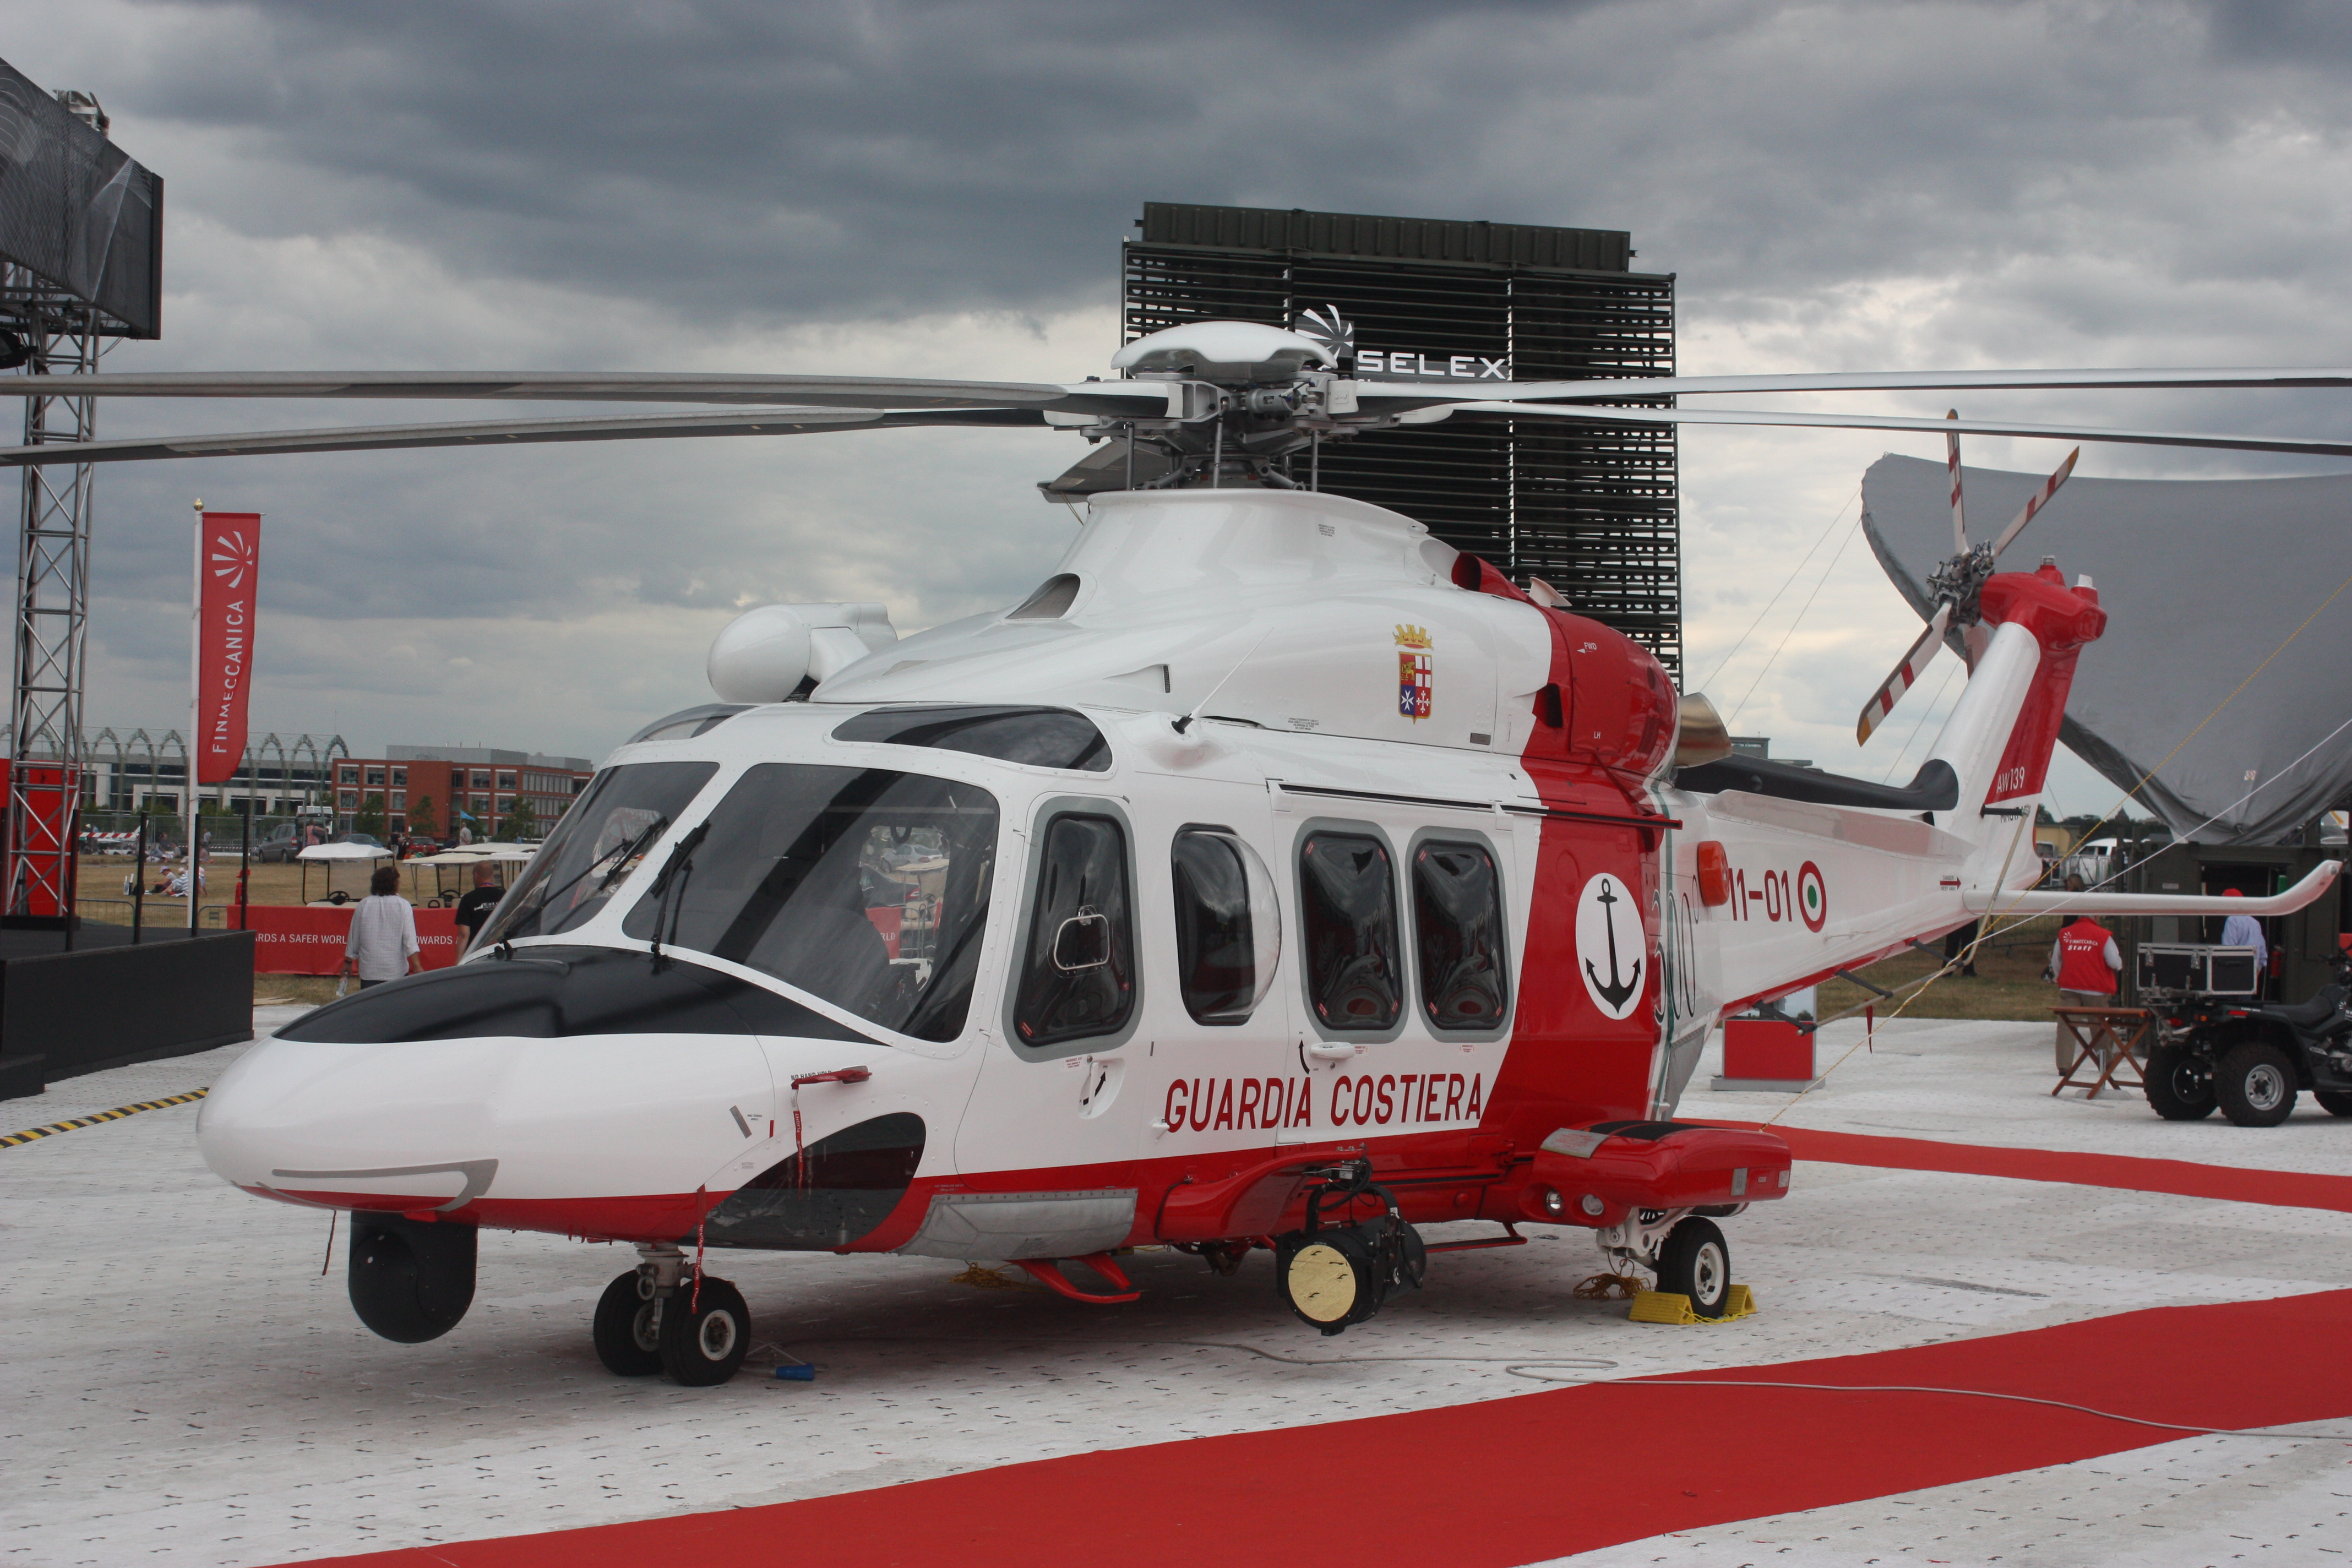 Elicottero 139 : File:guardia costiera aw139.jpg wikipedia